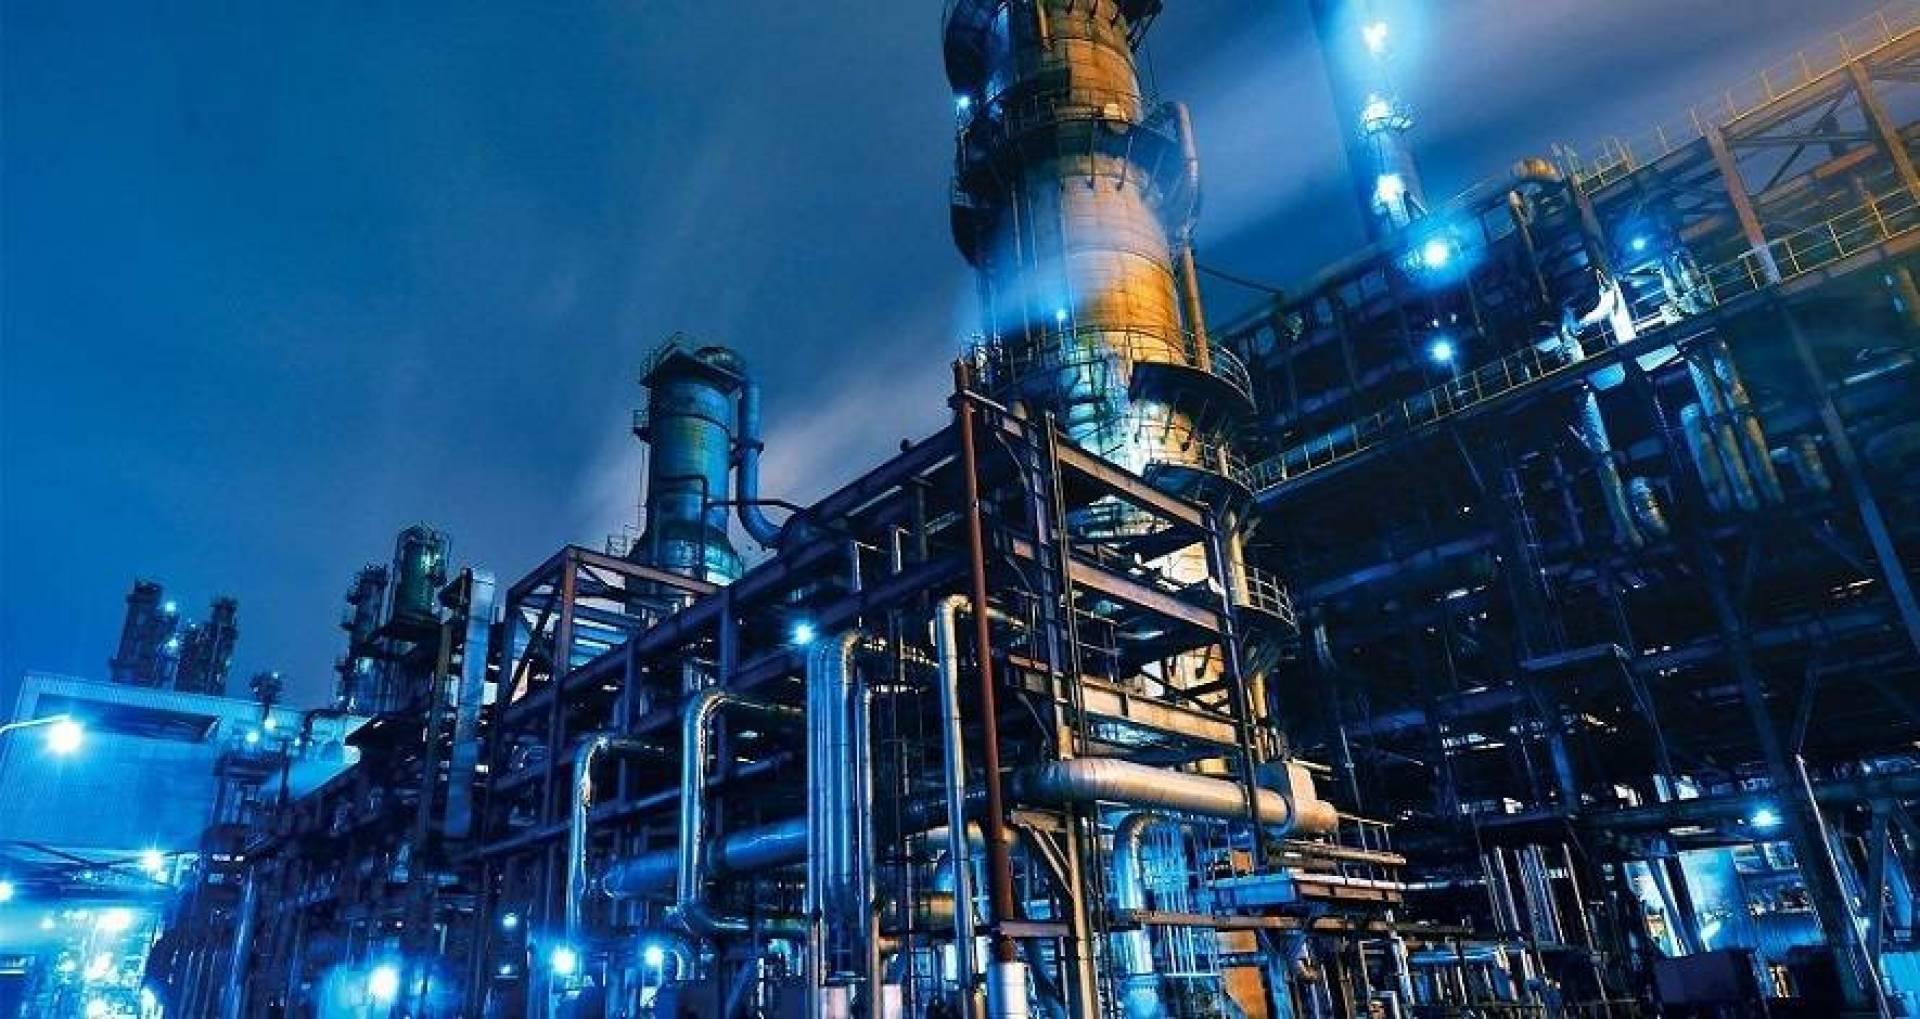 شركات النفط الكبرى تخفض الانفاق للعام 2020 بنسبة 20%